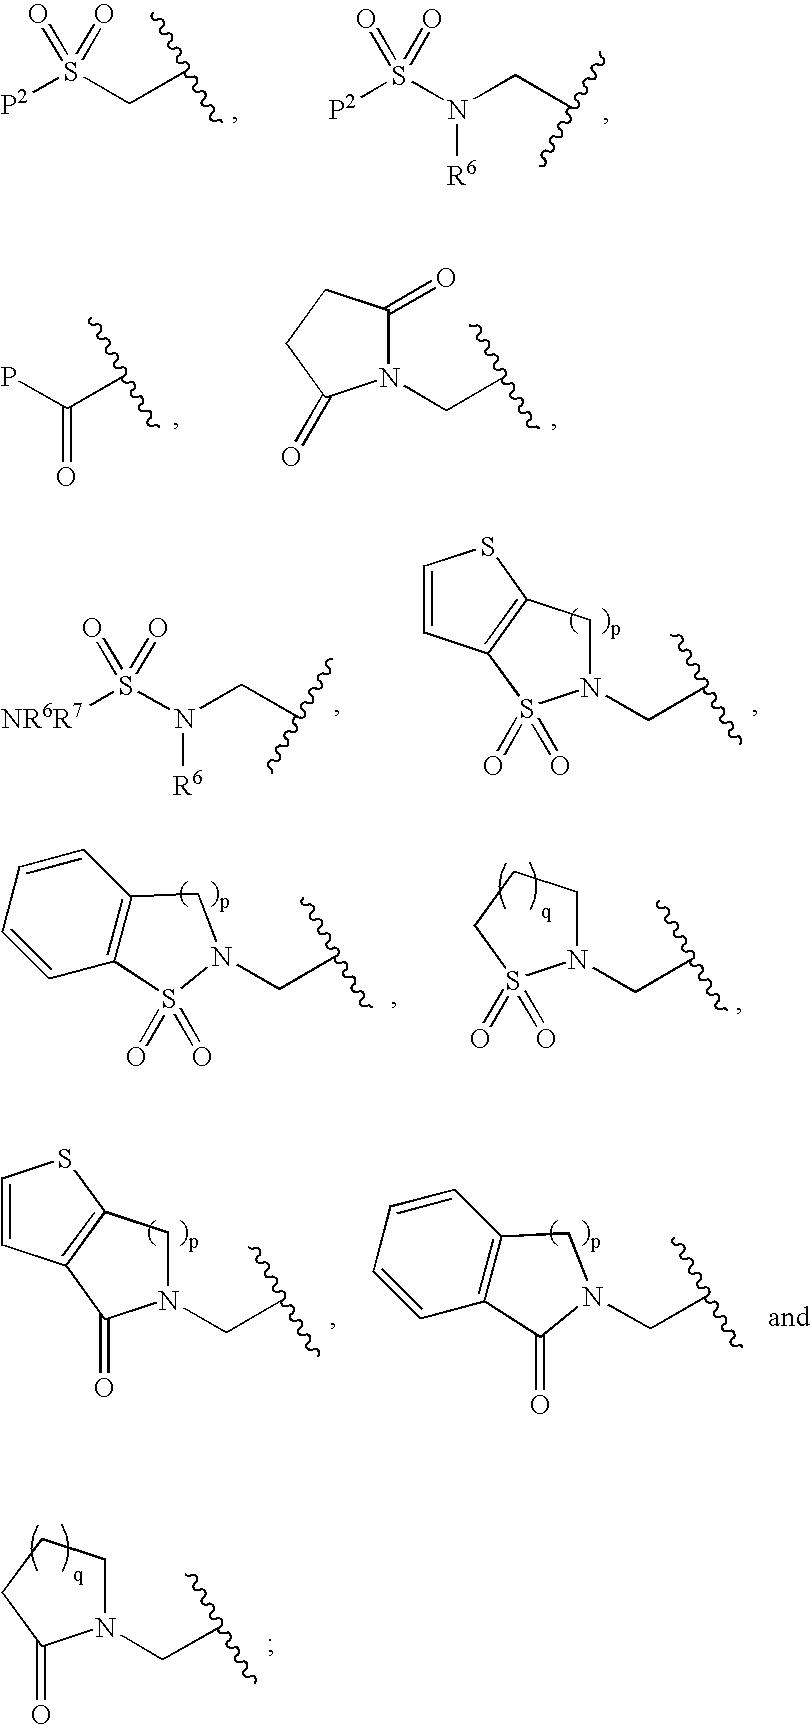 Figure US20060276404A1-20061207-C00024